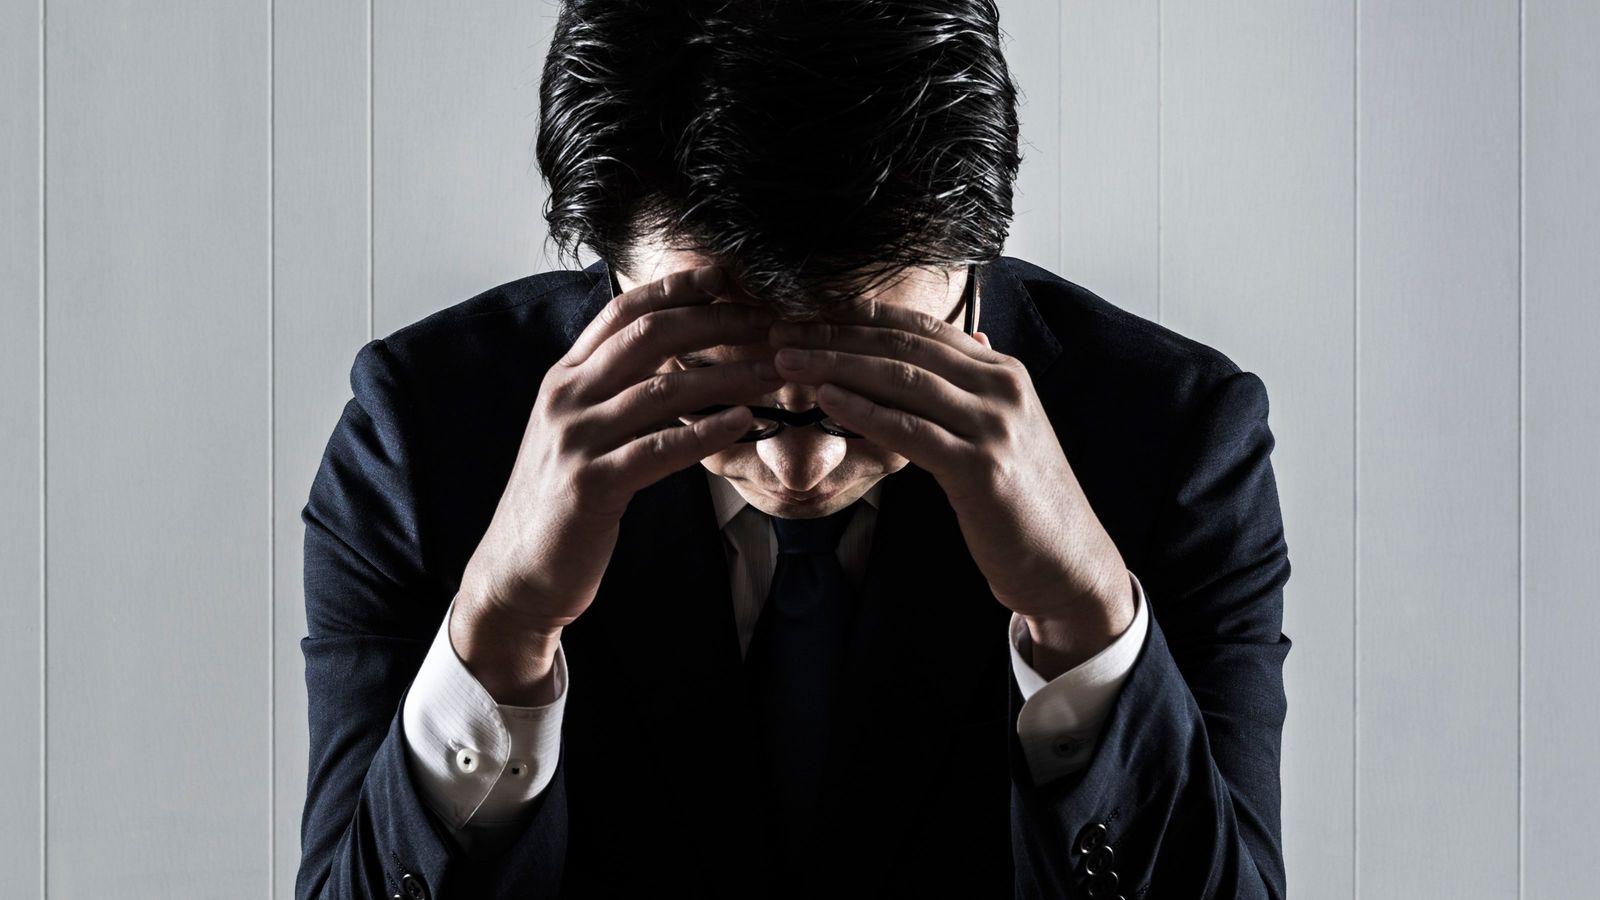 「東大卒でも低収入」の人に欠落した3つのスキル 顧客や部下の気持ちに鈍感すぎる